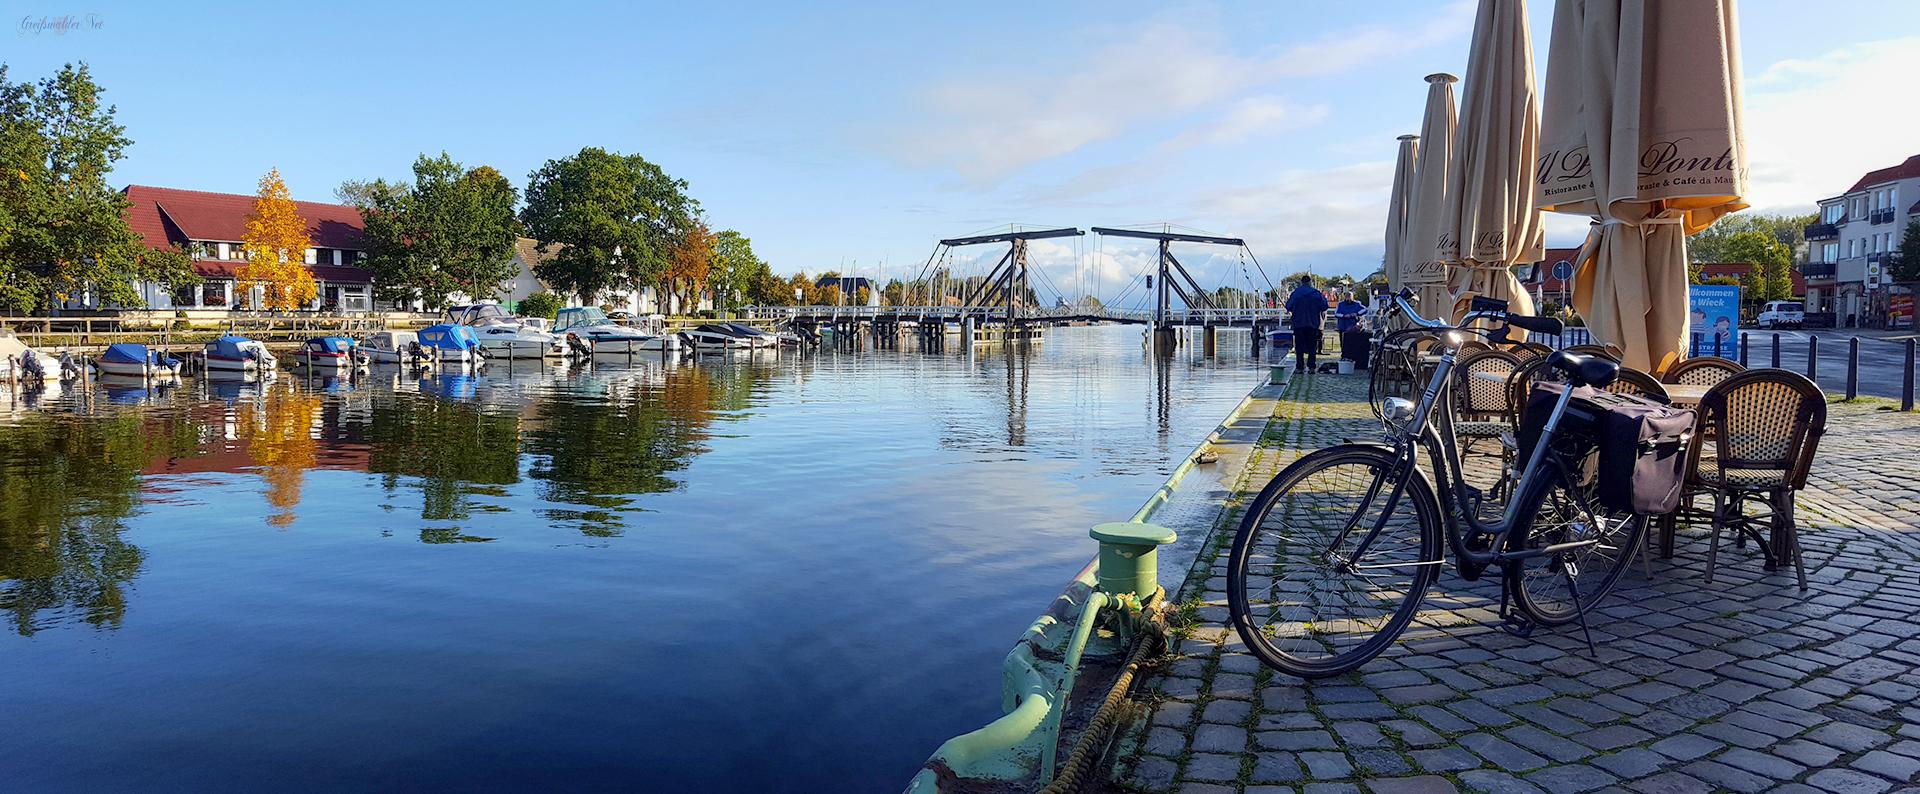 Herbst in Greifswald-Wieck